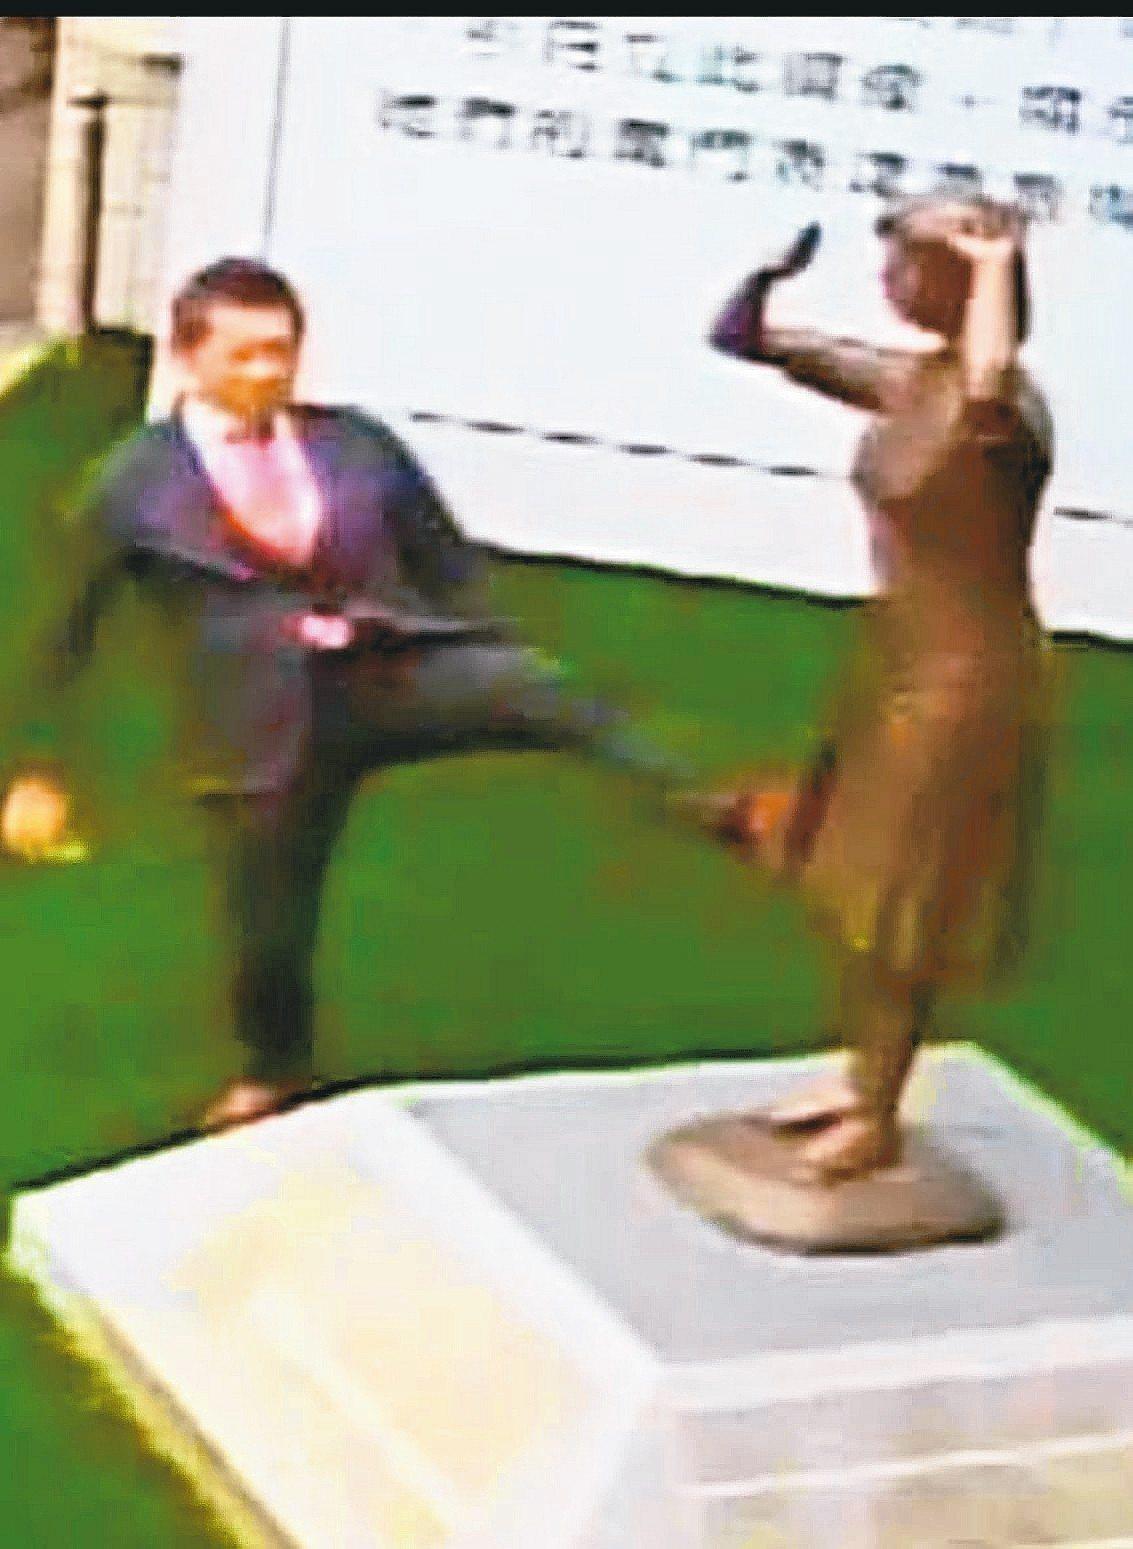 日人藤井實彥本月6日到台南市慰安婦銅像現場,做出腳踹銅像動作,被監視器拍下。 圖...